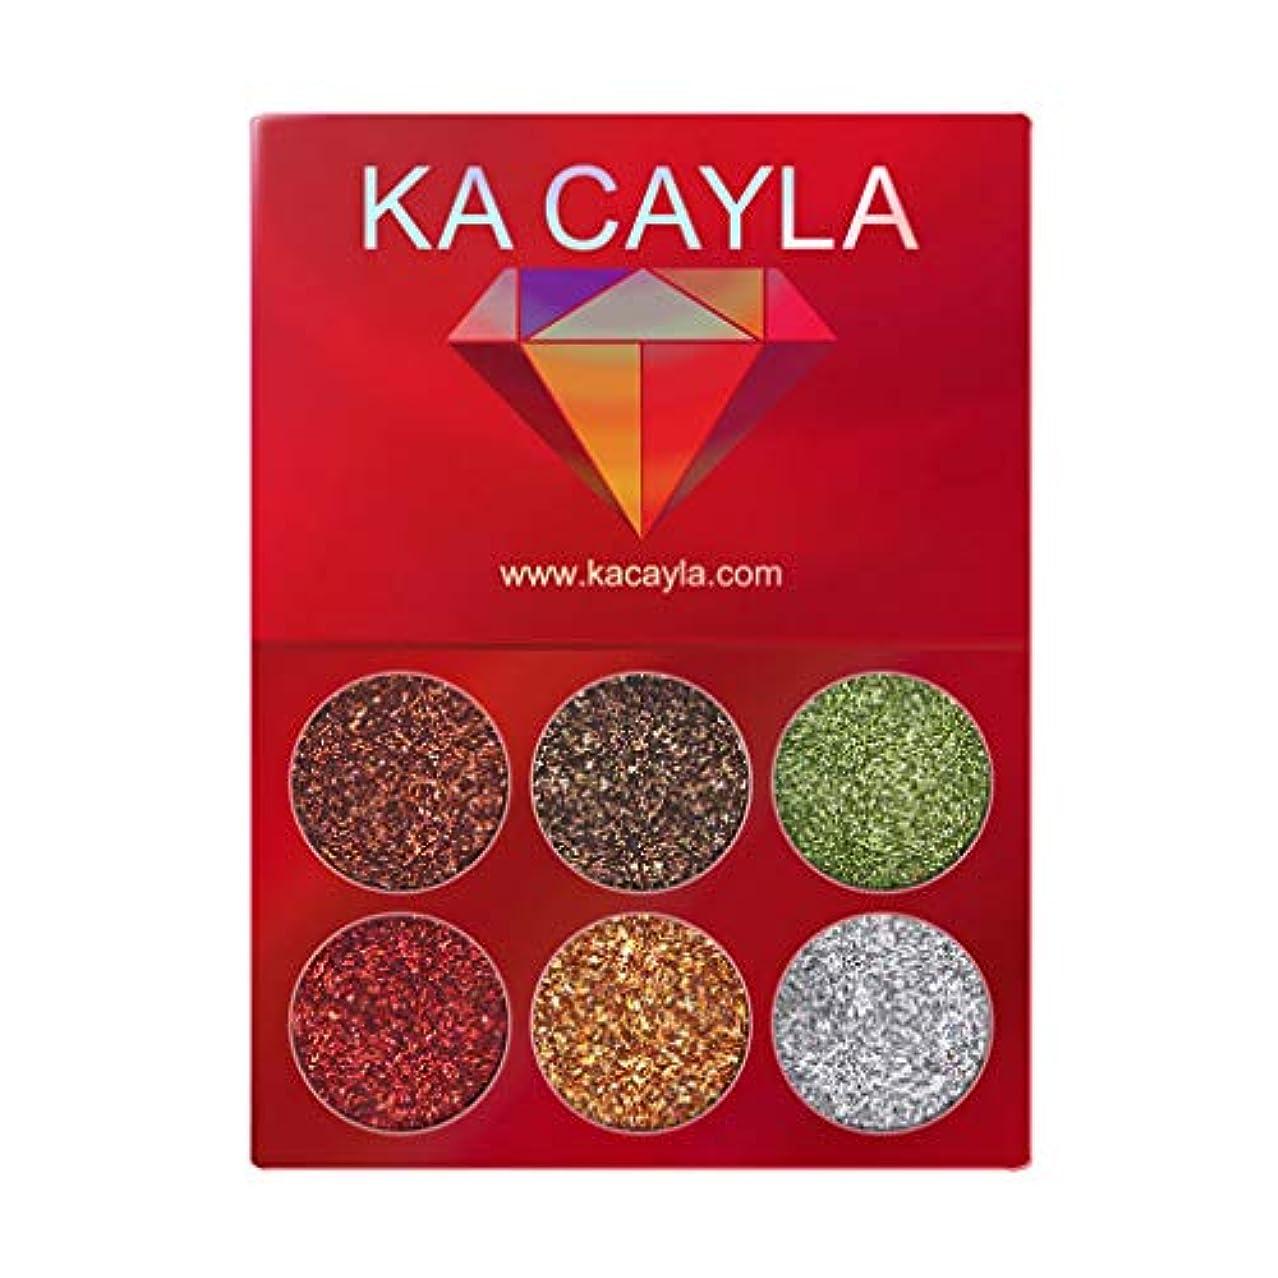 健康的教岸KA CAYLA化粧アイシャドウアイシャドウパレット化粧品セットアイシャドウ6色